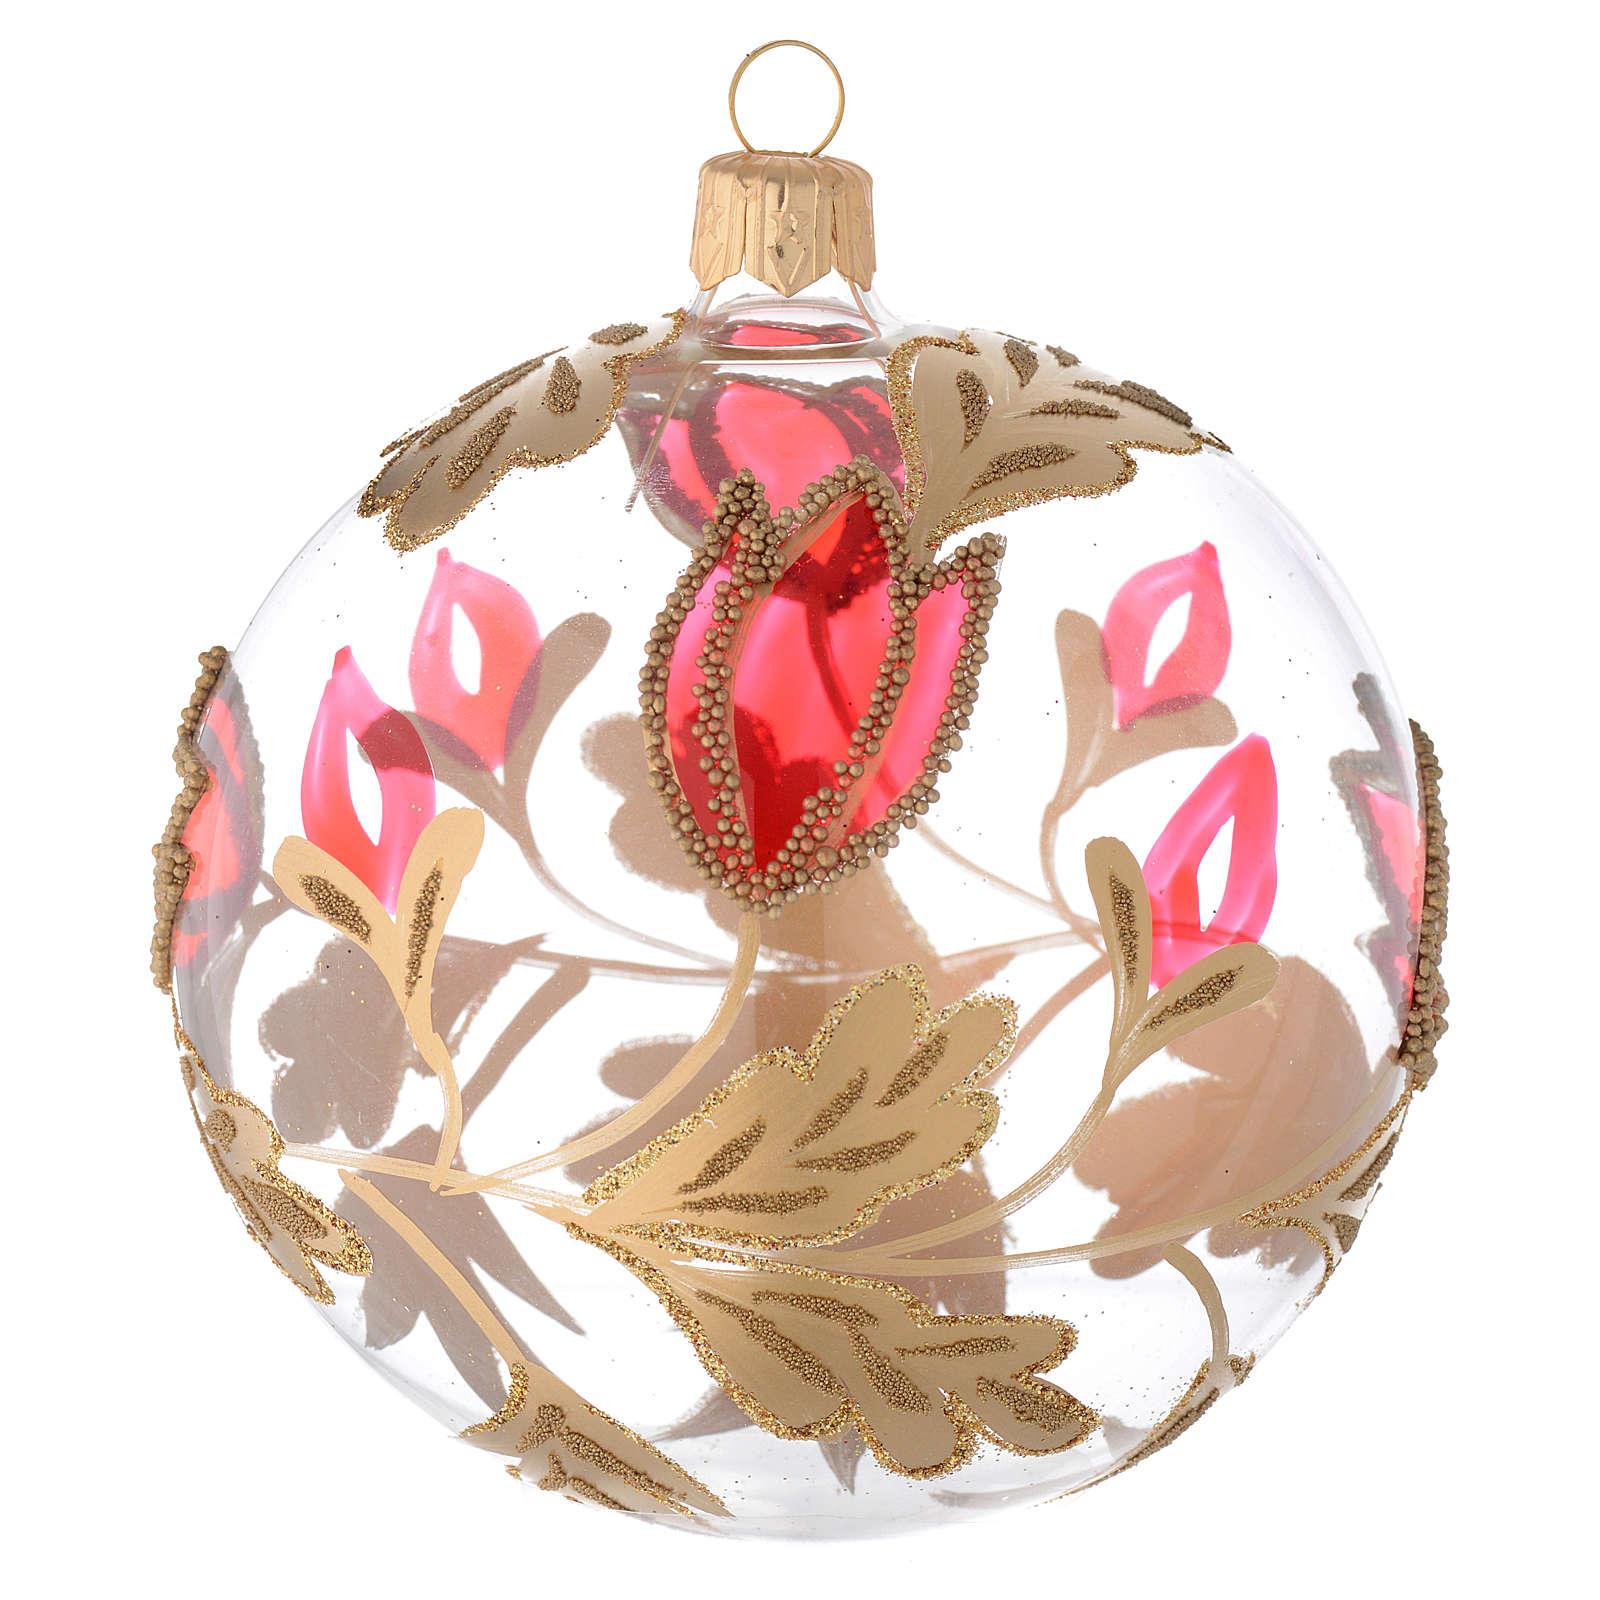 Tannenbaumkugel Glas gold und rot Dekorationen 100mm 4